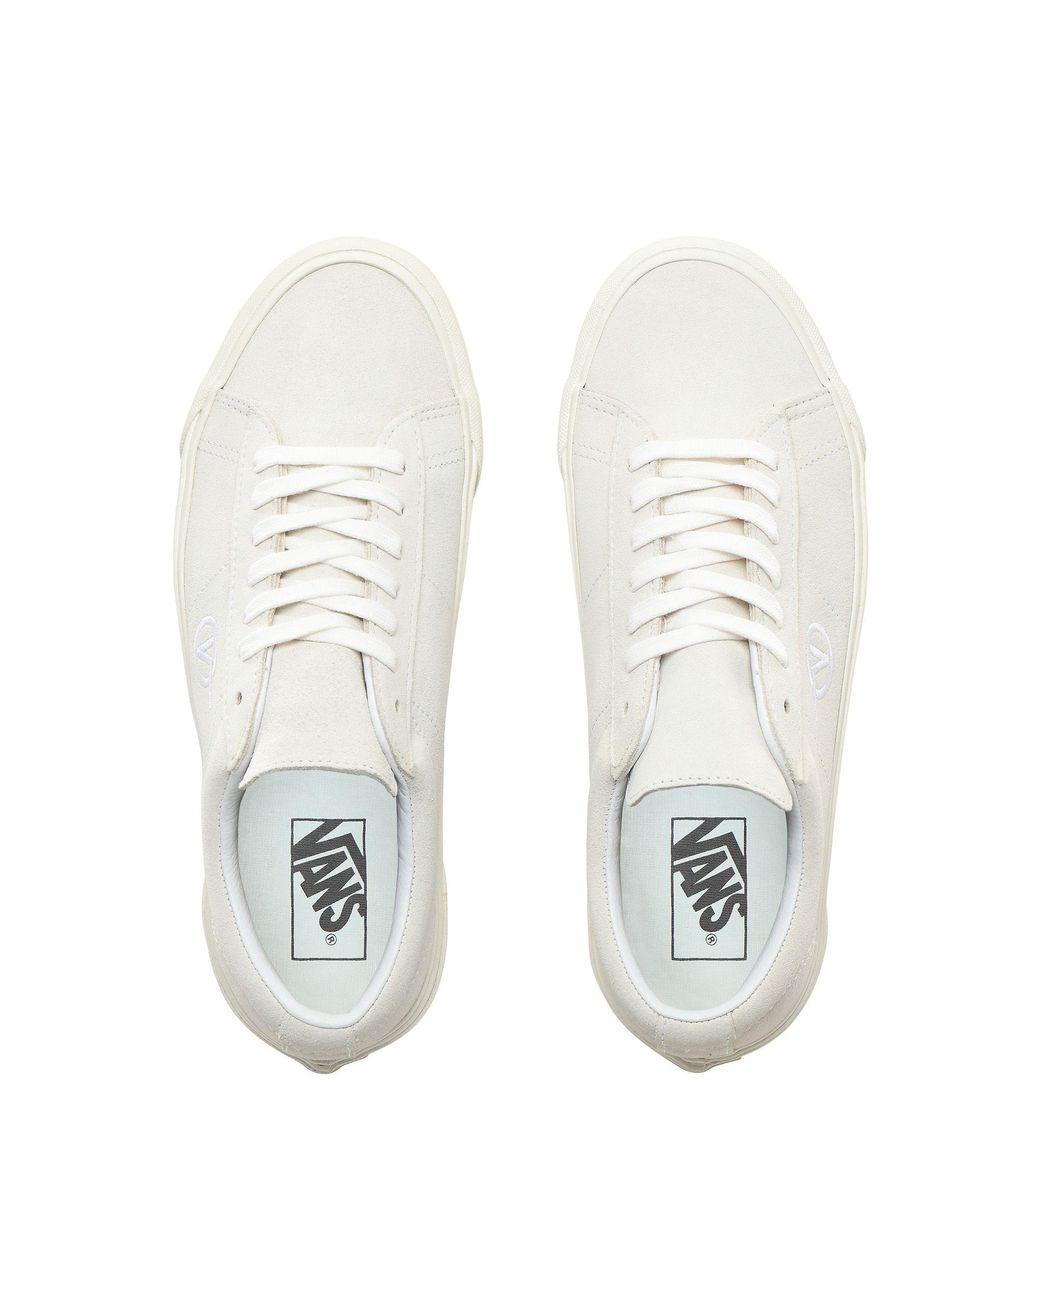 Chaussures Anaheim Factory Sid Dx Vans en coloris Blanc - 15 % de ...